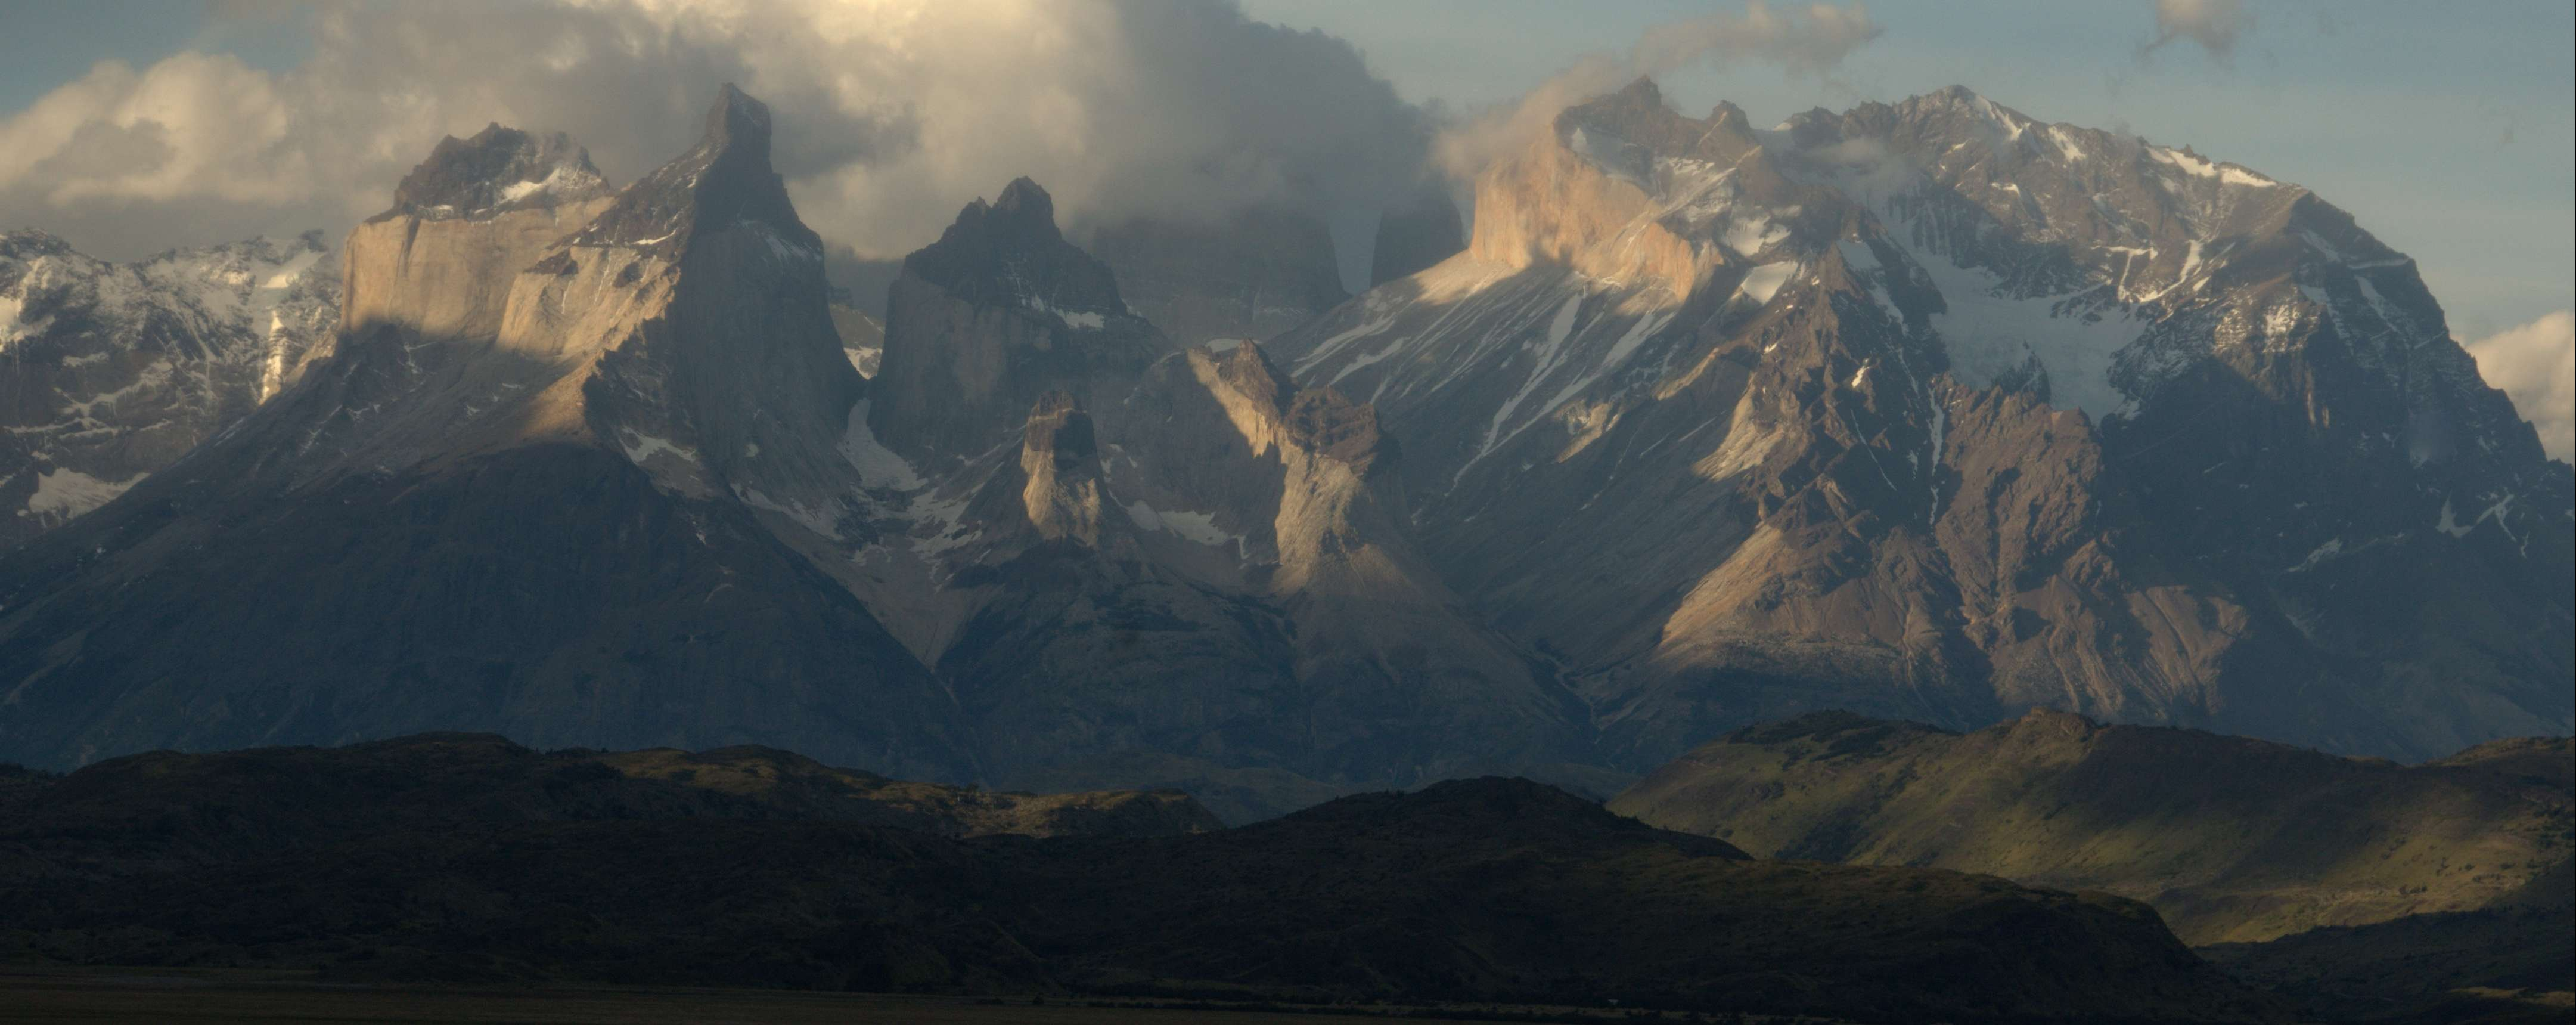 Dag Peak - Torres del Paine W Trek - Andean Treks